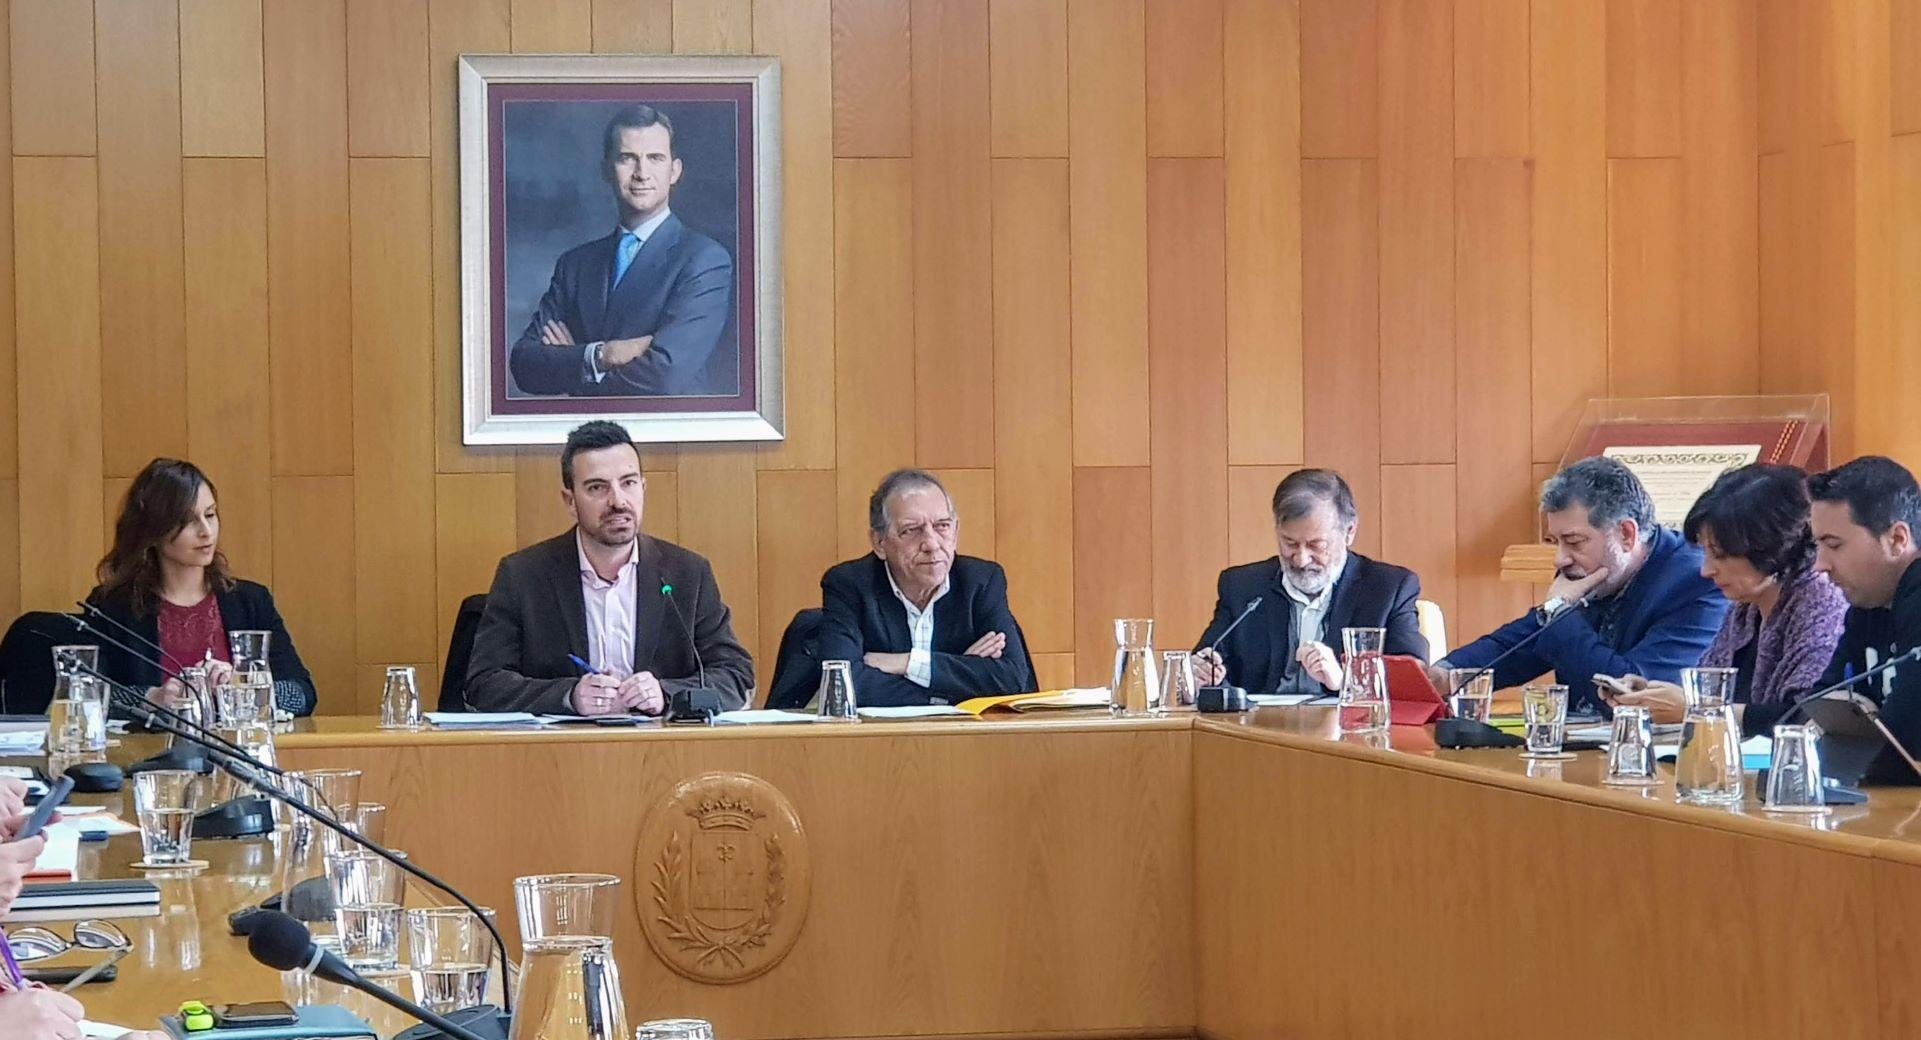 El Consejo Municipal de la FP se constituye con el objetivo de conectar la oferta formativa con las necesidades de las empresas de Elda